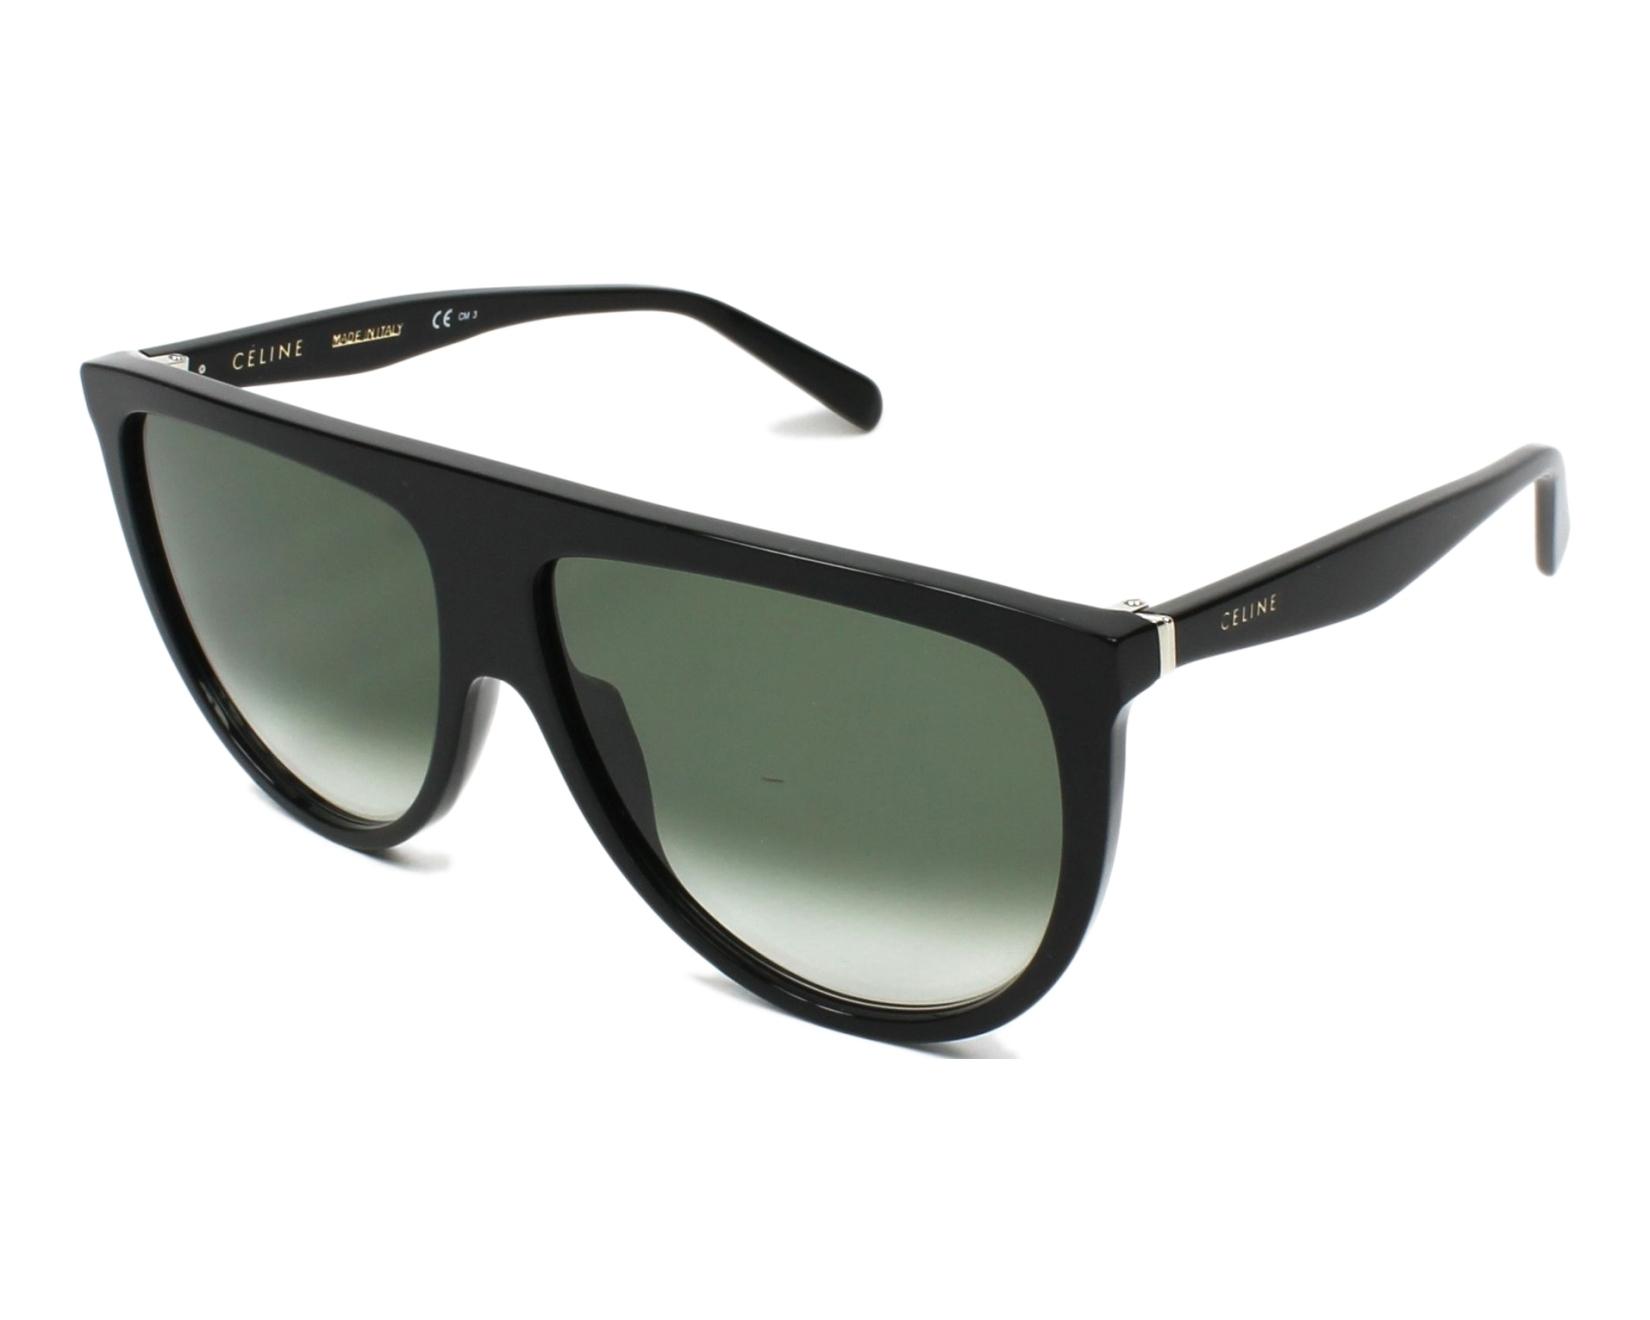 e75d4618b19 thumbnail Sunglasses Céline CL-41435-S 807 XM - Black profile view